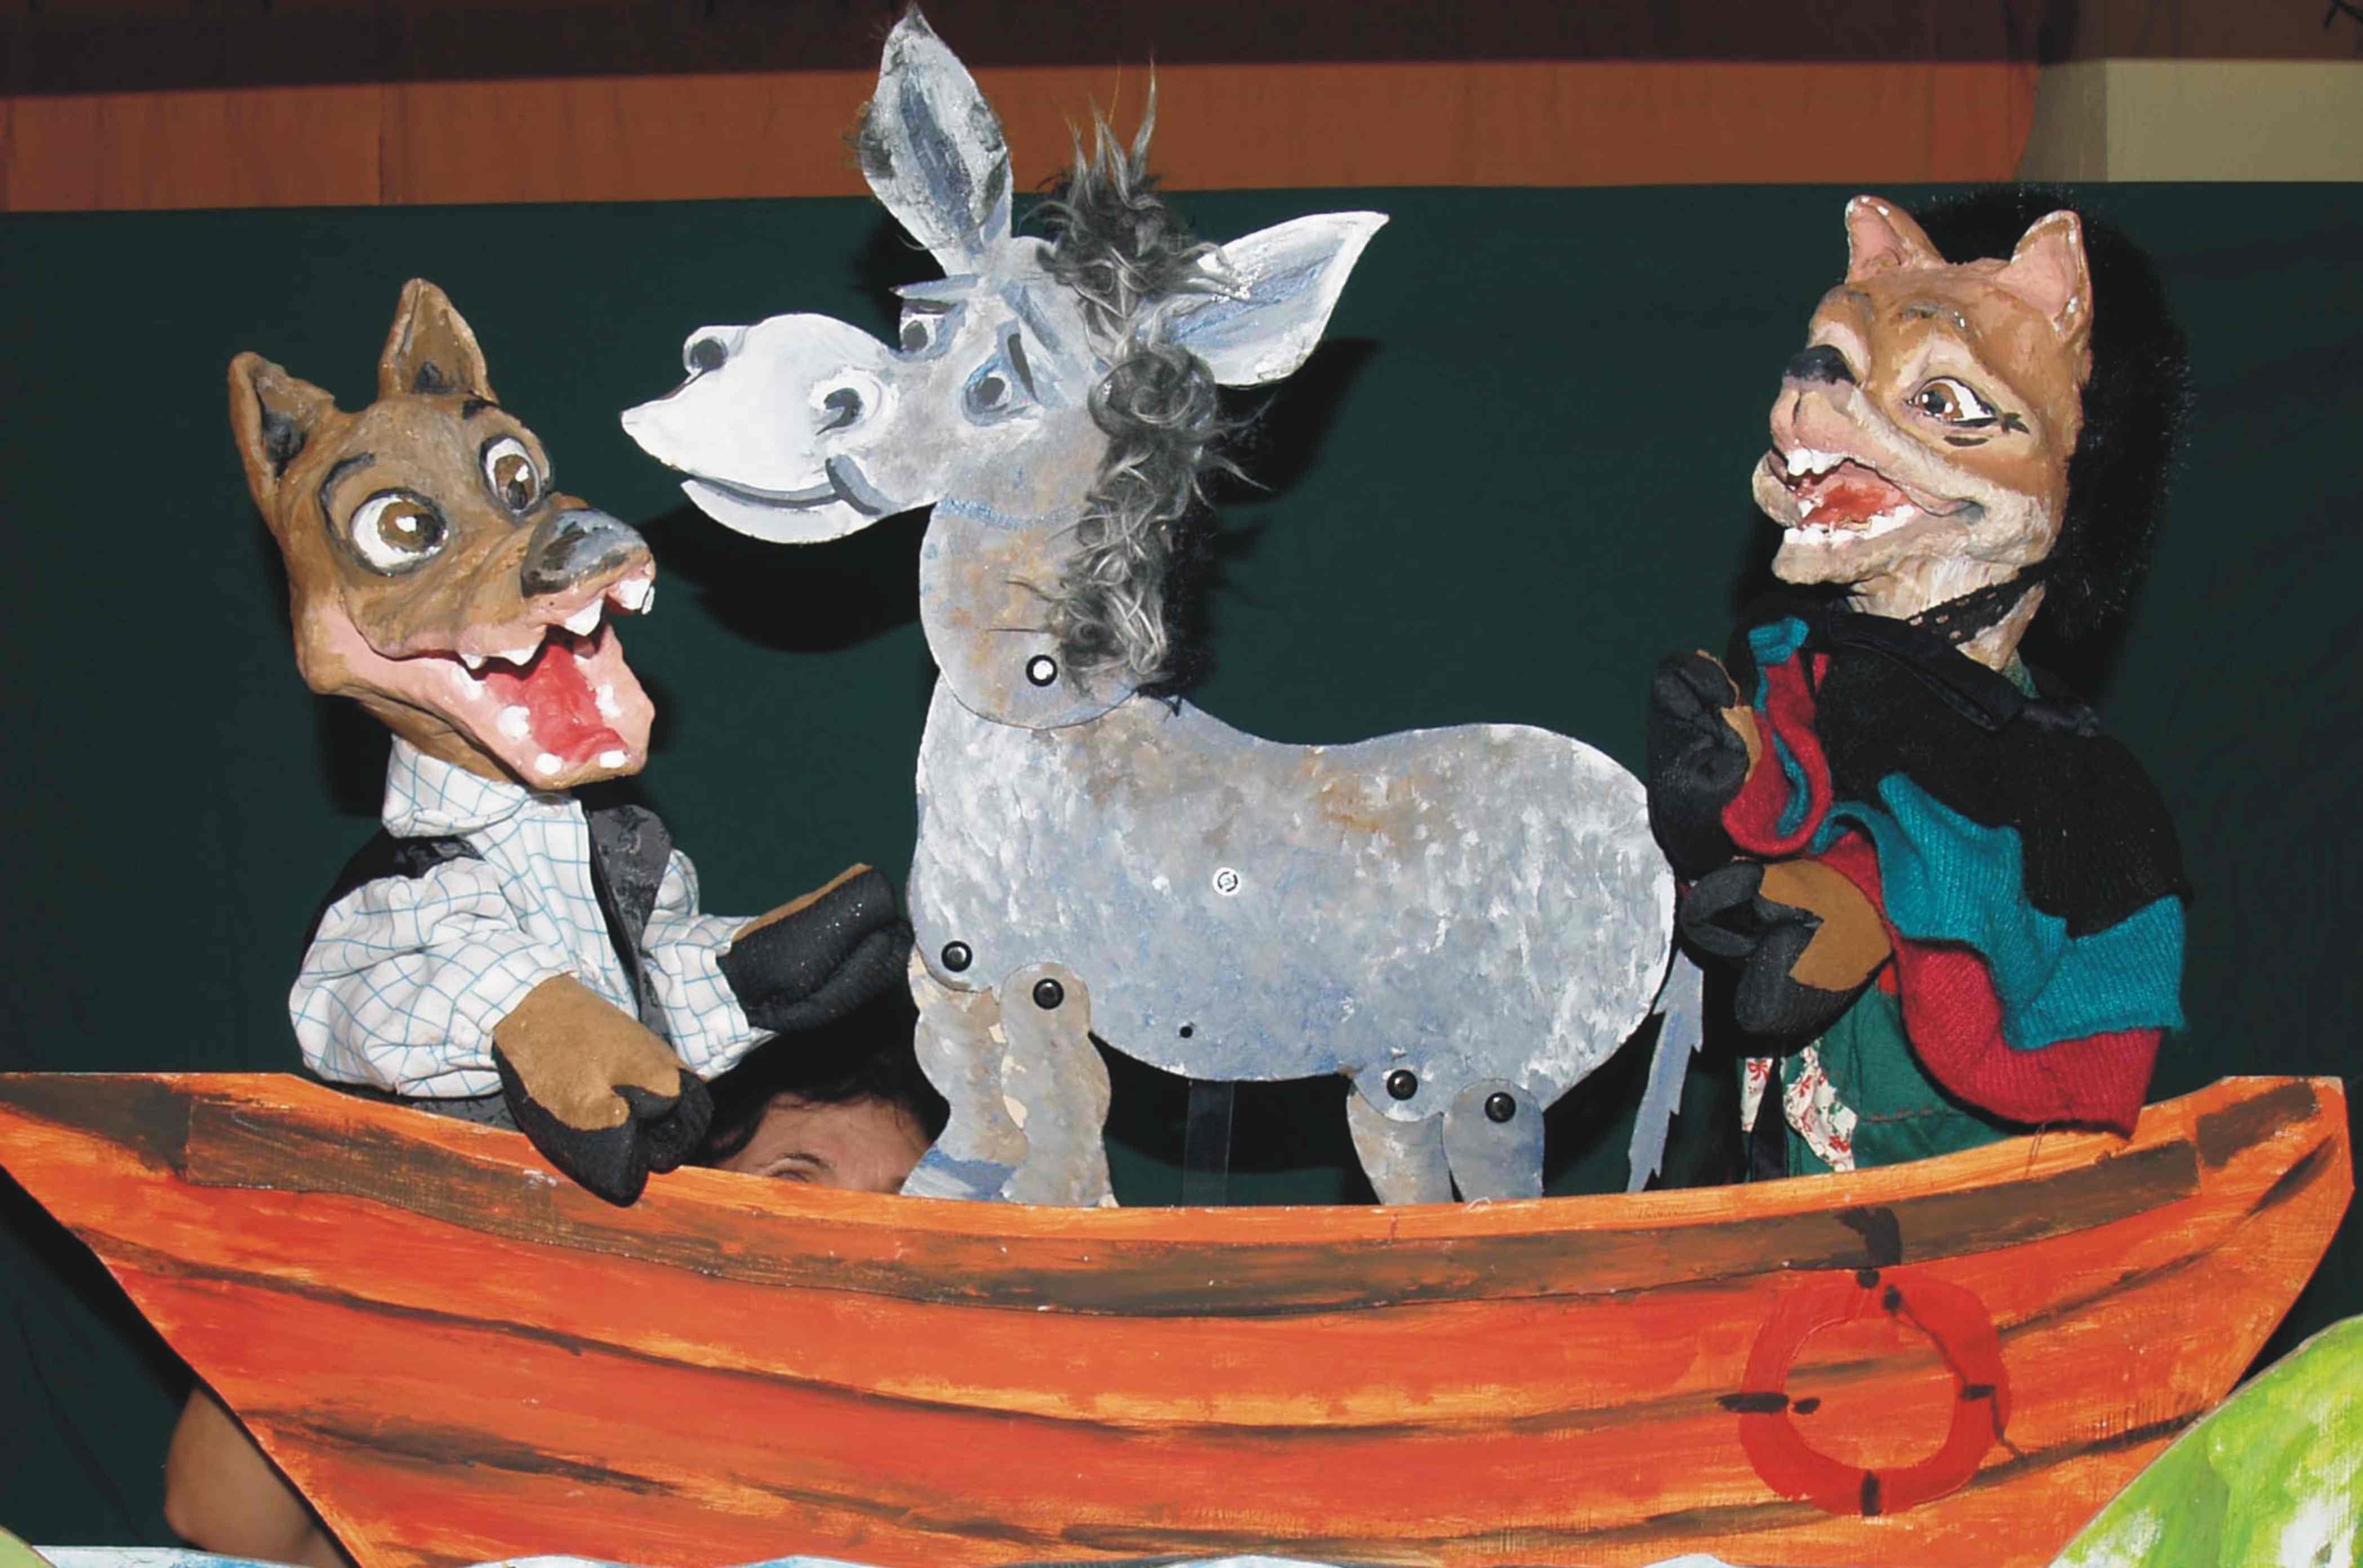 «Η αλεπού, ο λύκος και ο  γάιδαρος» στη «Μικρή Αυλαία της Χ.Α.Ν.Θ» (Kερδίστε 2 διπλές προσκλήσεις!!)